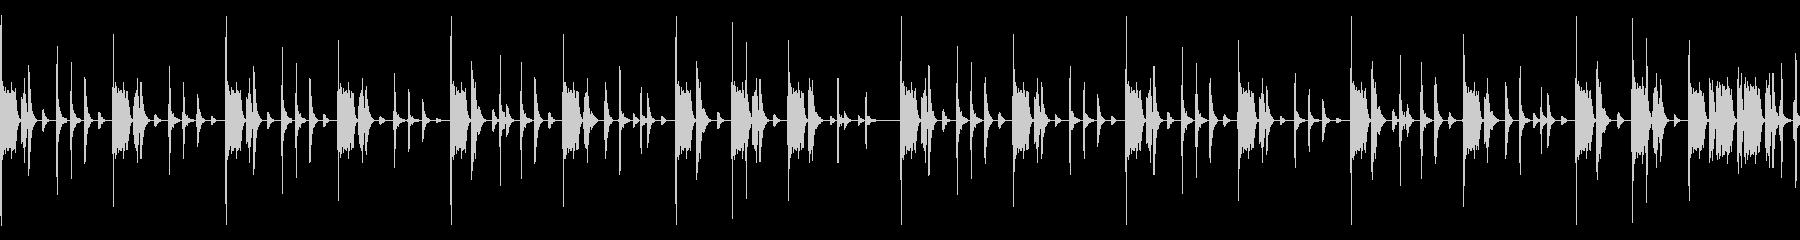 ヒップホップのループの未再生の波形